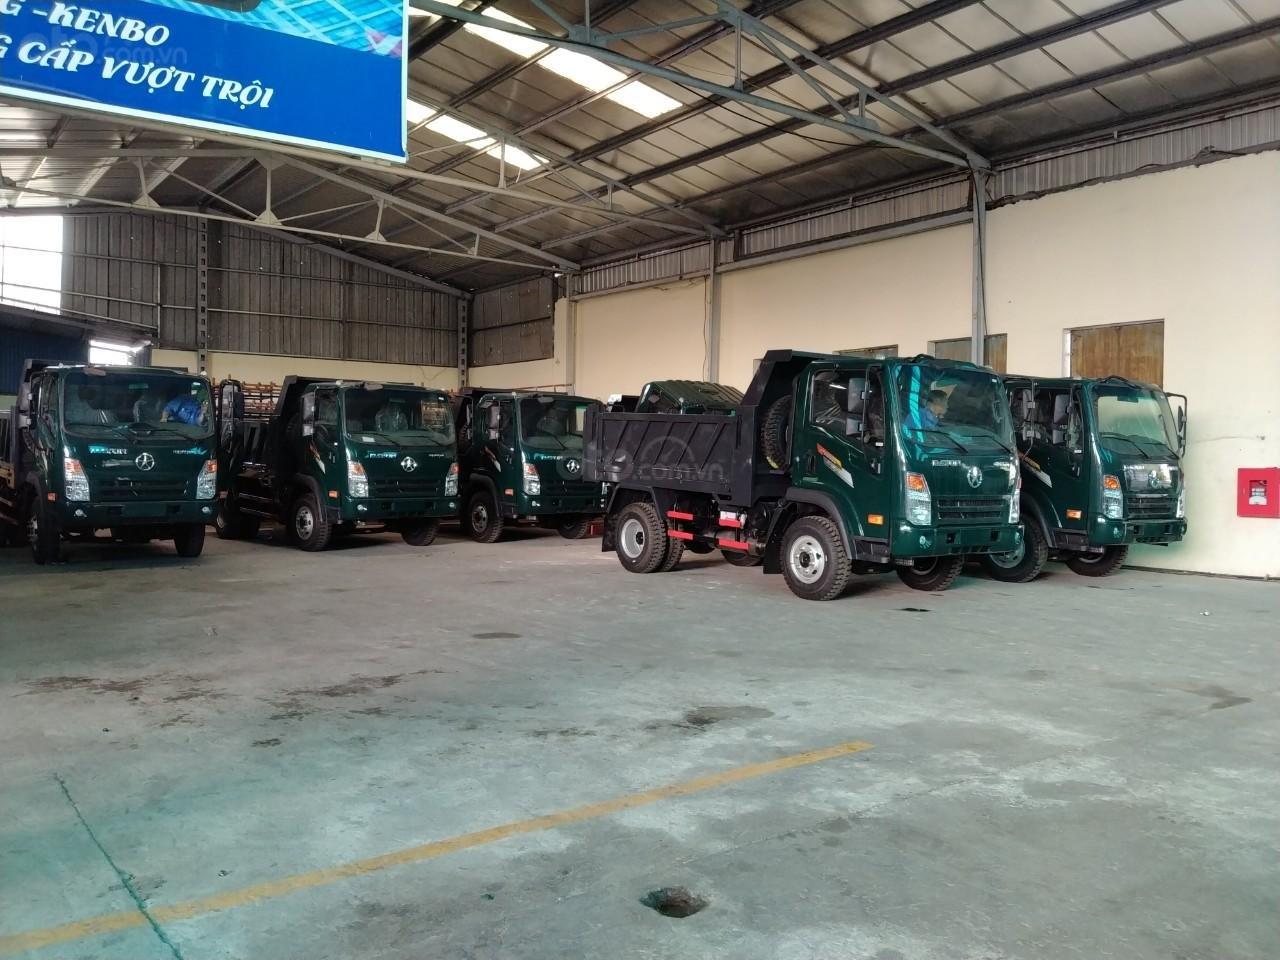 Bán xe tải Ben 5 tấn tại Thái Bình (7)